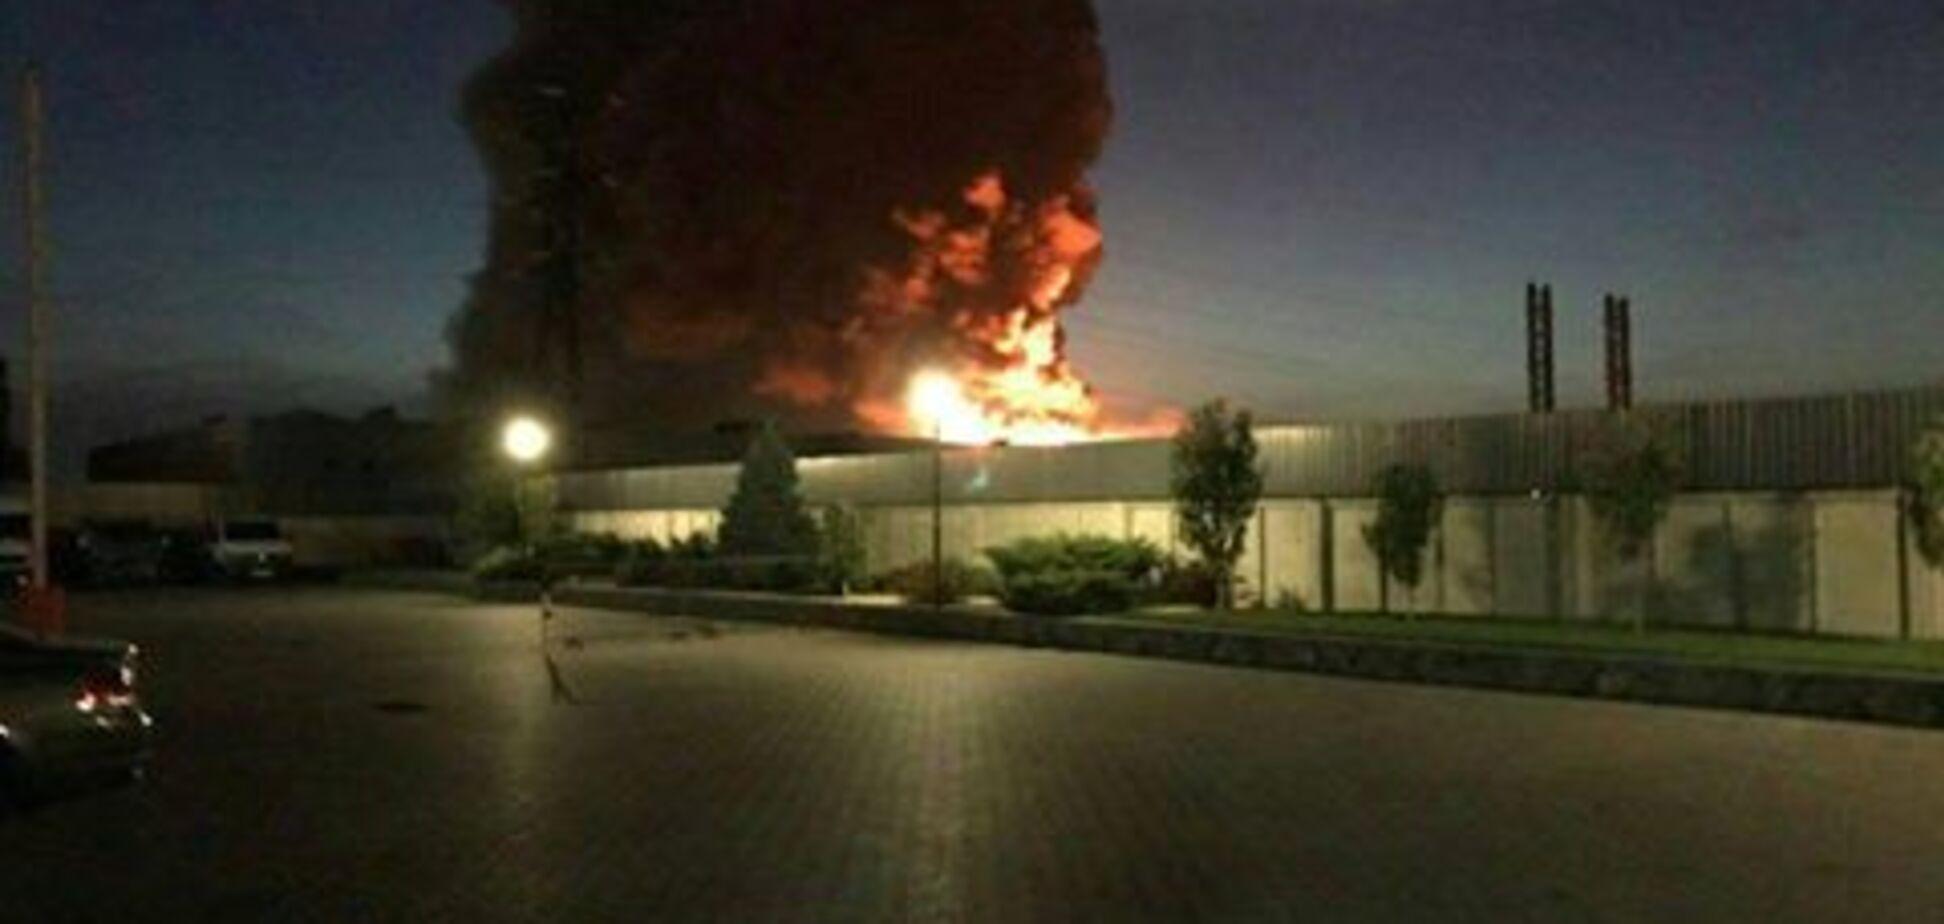 Мільйони доларів збитків: з'явилися деталі пожежі на заводі на Київщині